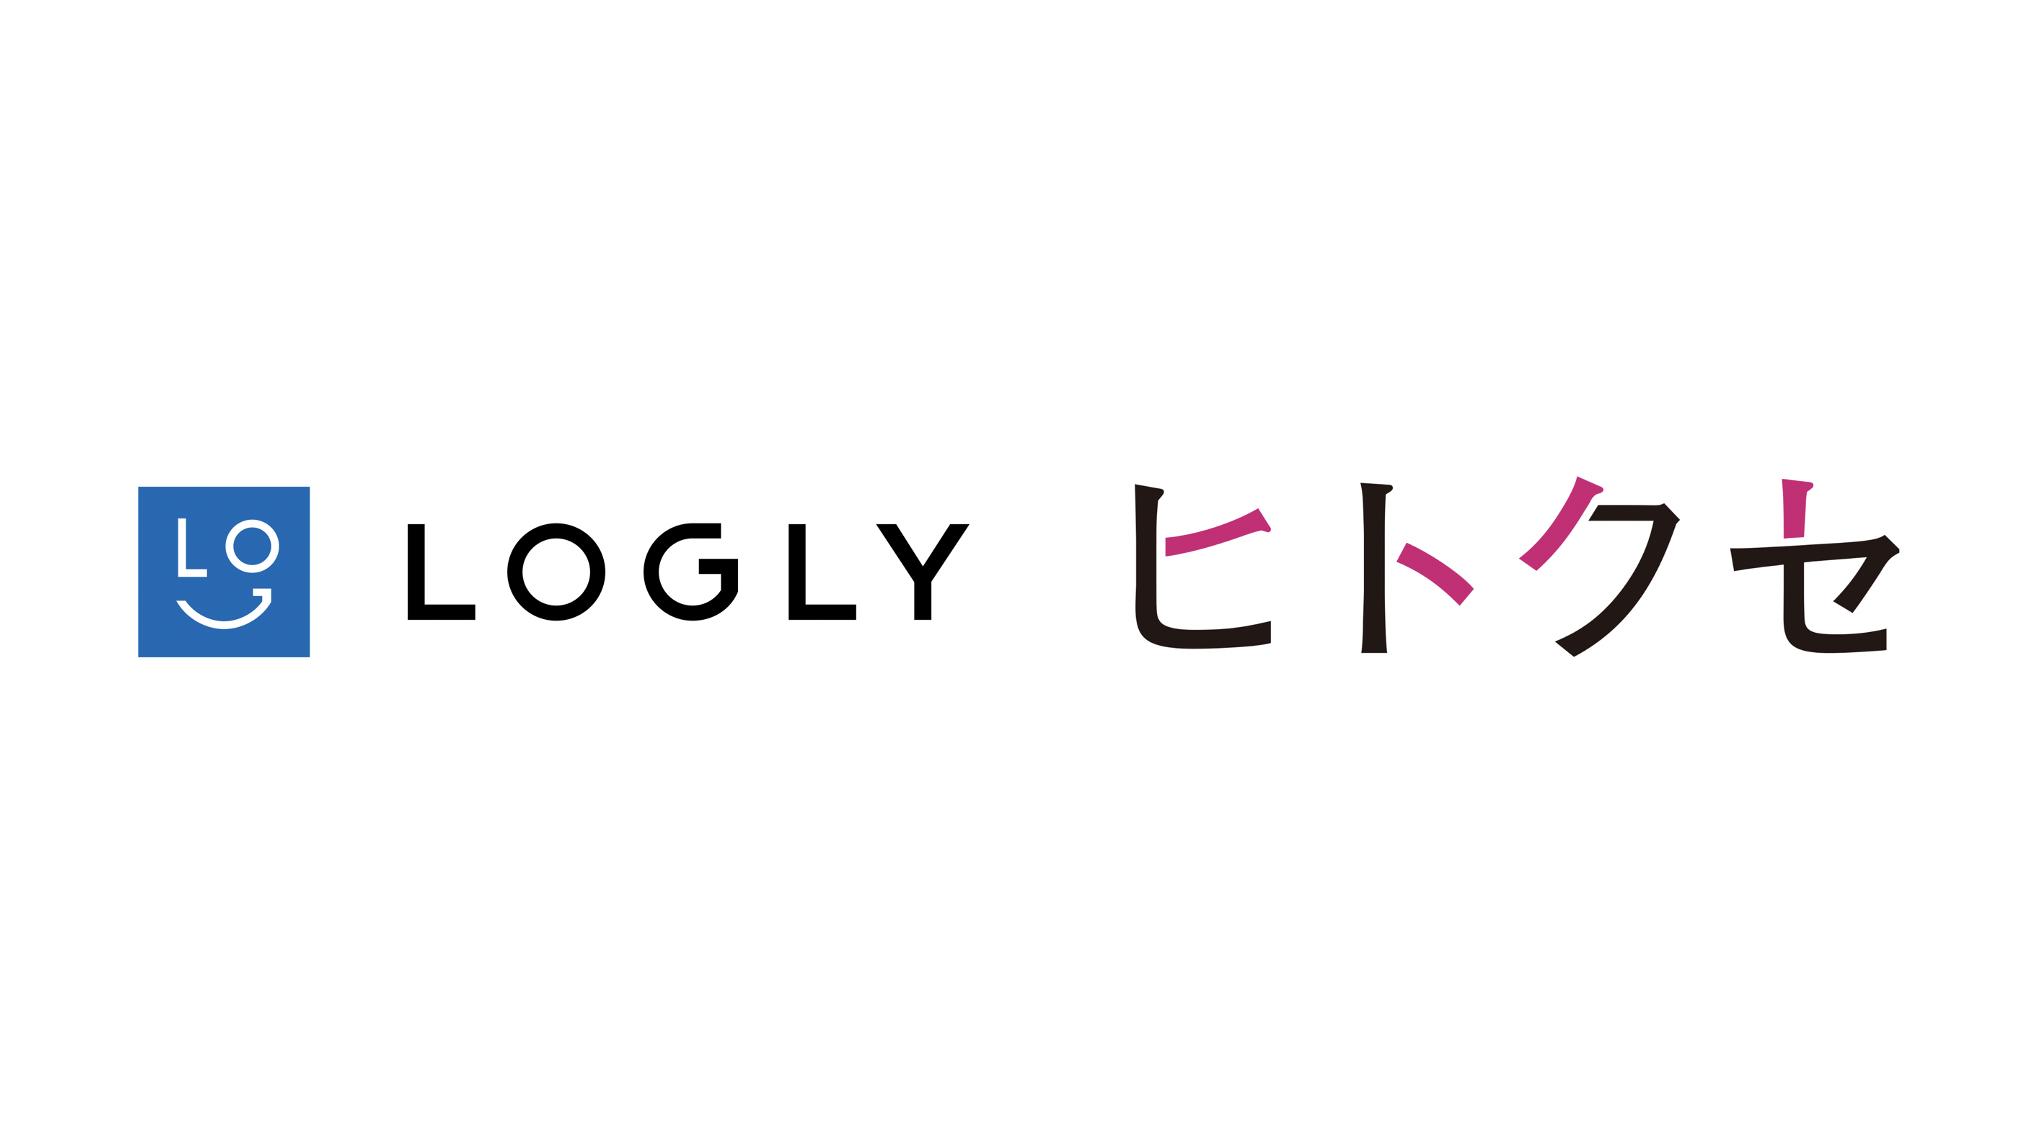 ログリー×ヒトクセ | Cookieを使用しない広告配信技術の確立に向け協業を開始